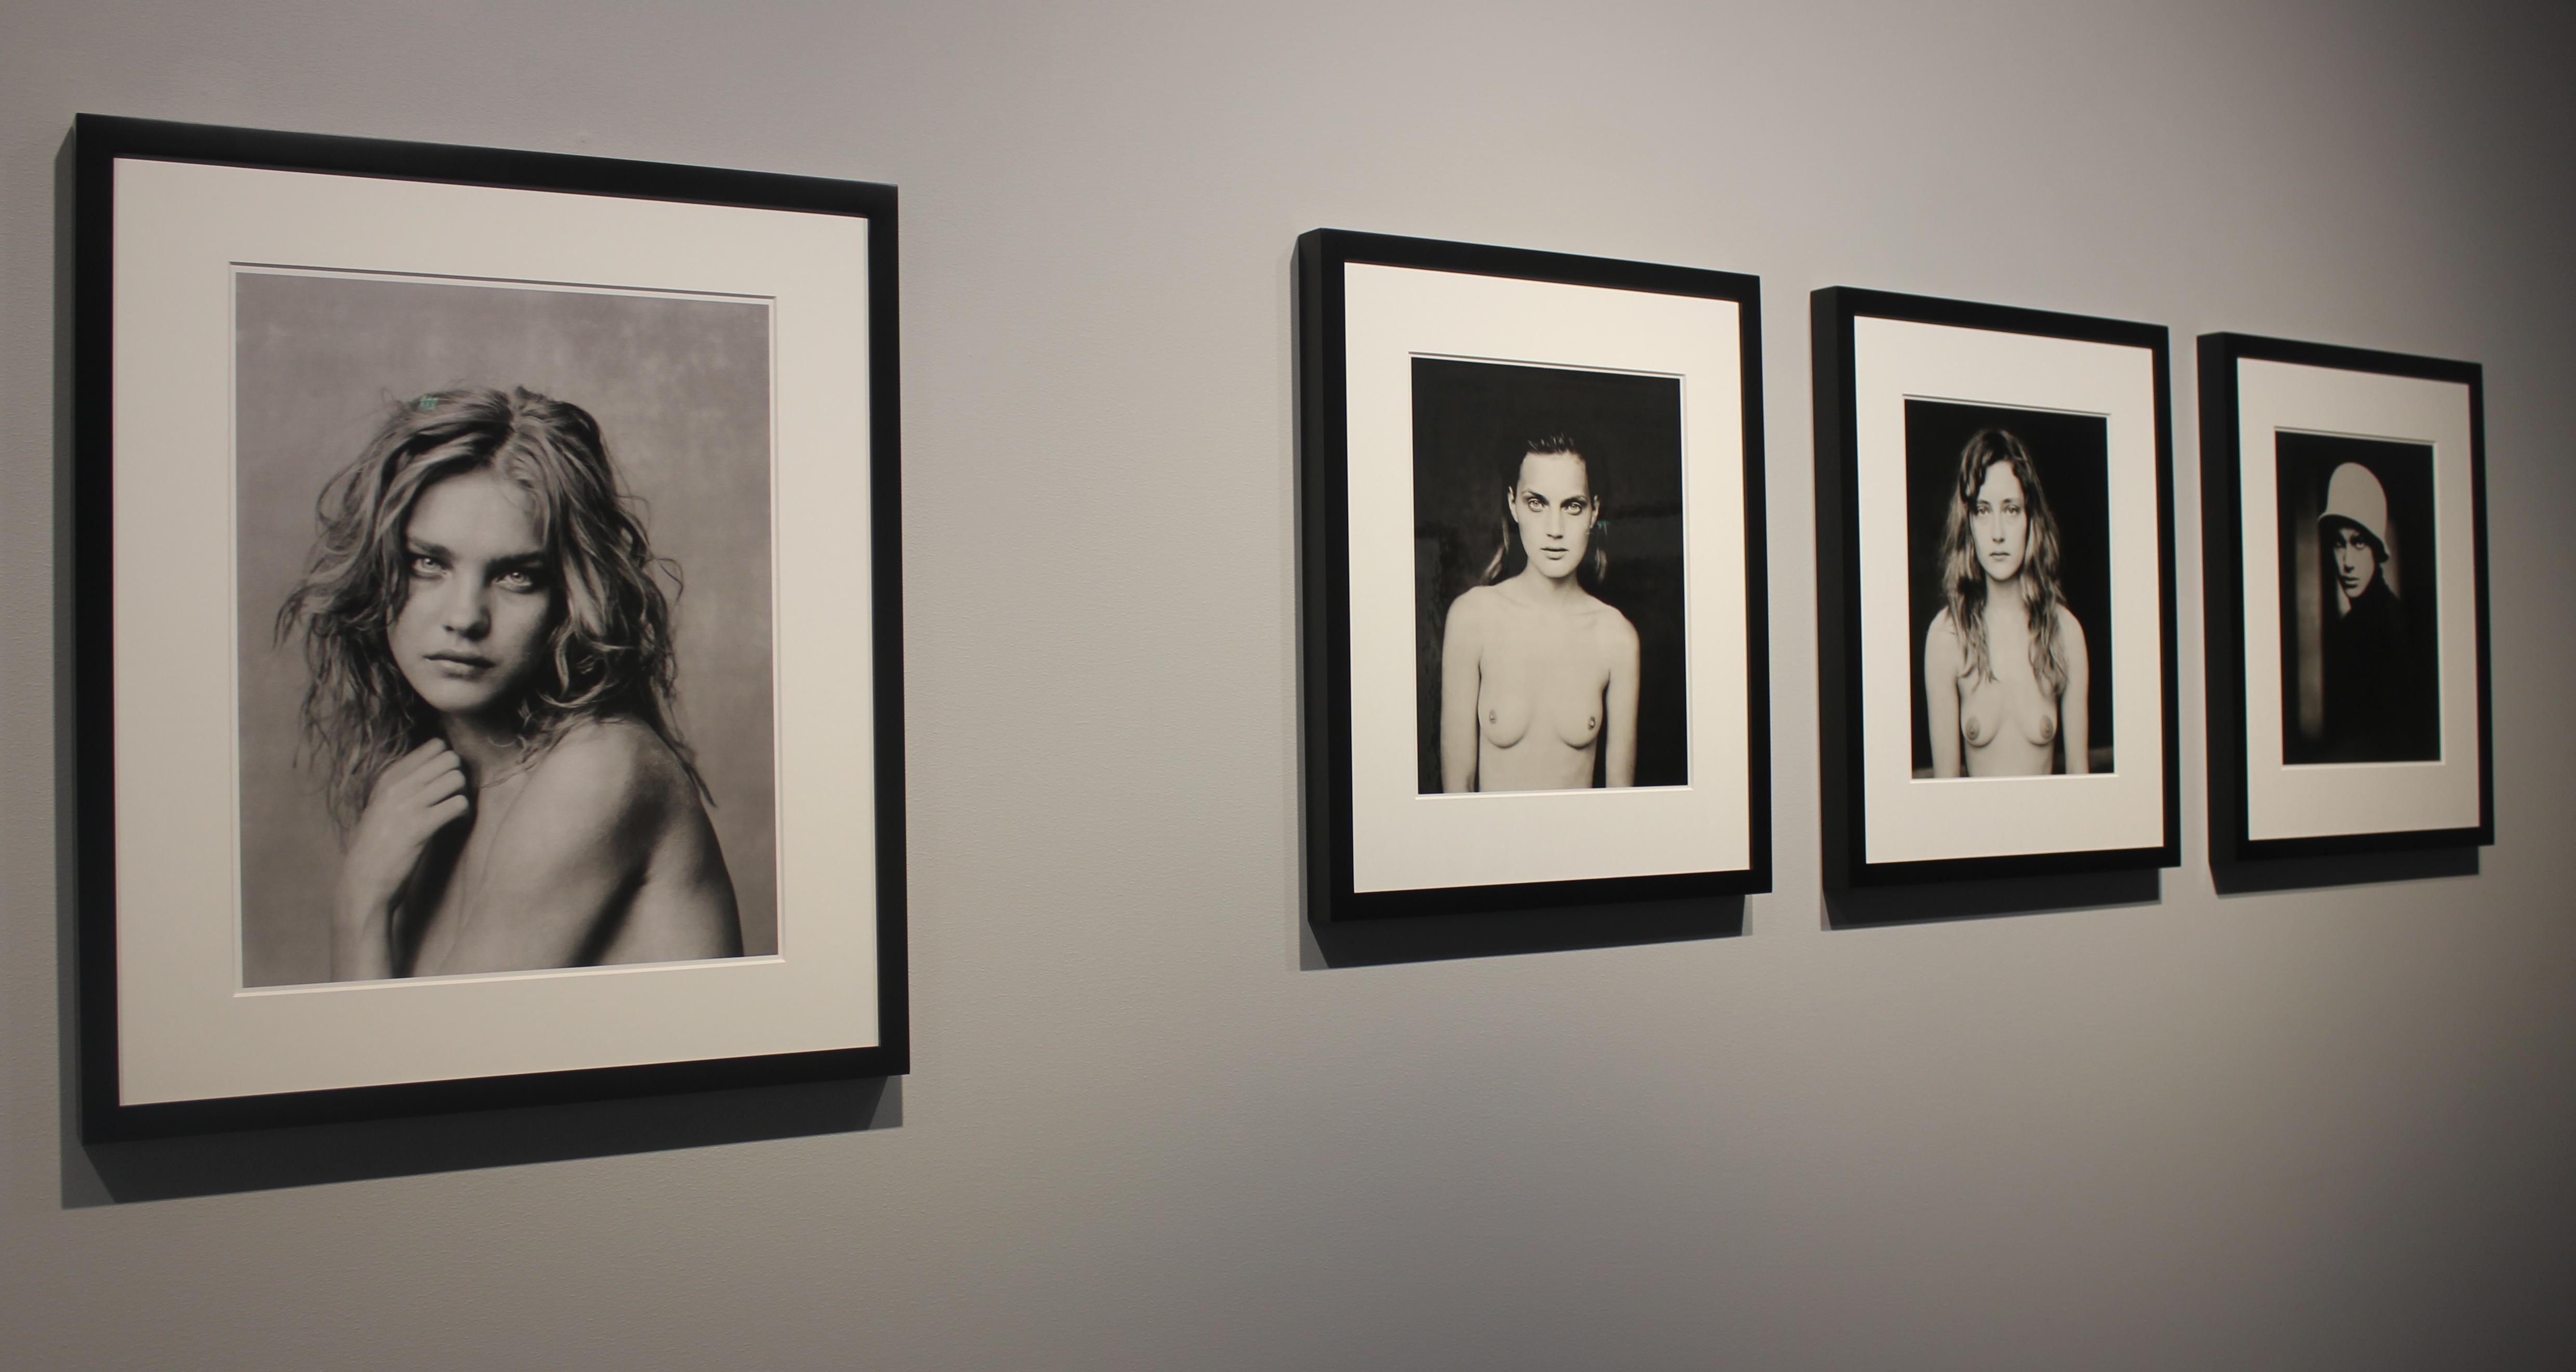 Melk & Honning traff motefotografen Paolo Roversi på Shoot Gallery i Oslo i anledning en ny utstilling.